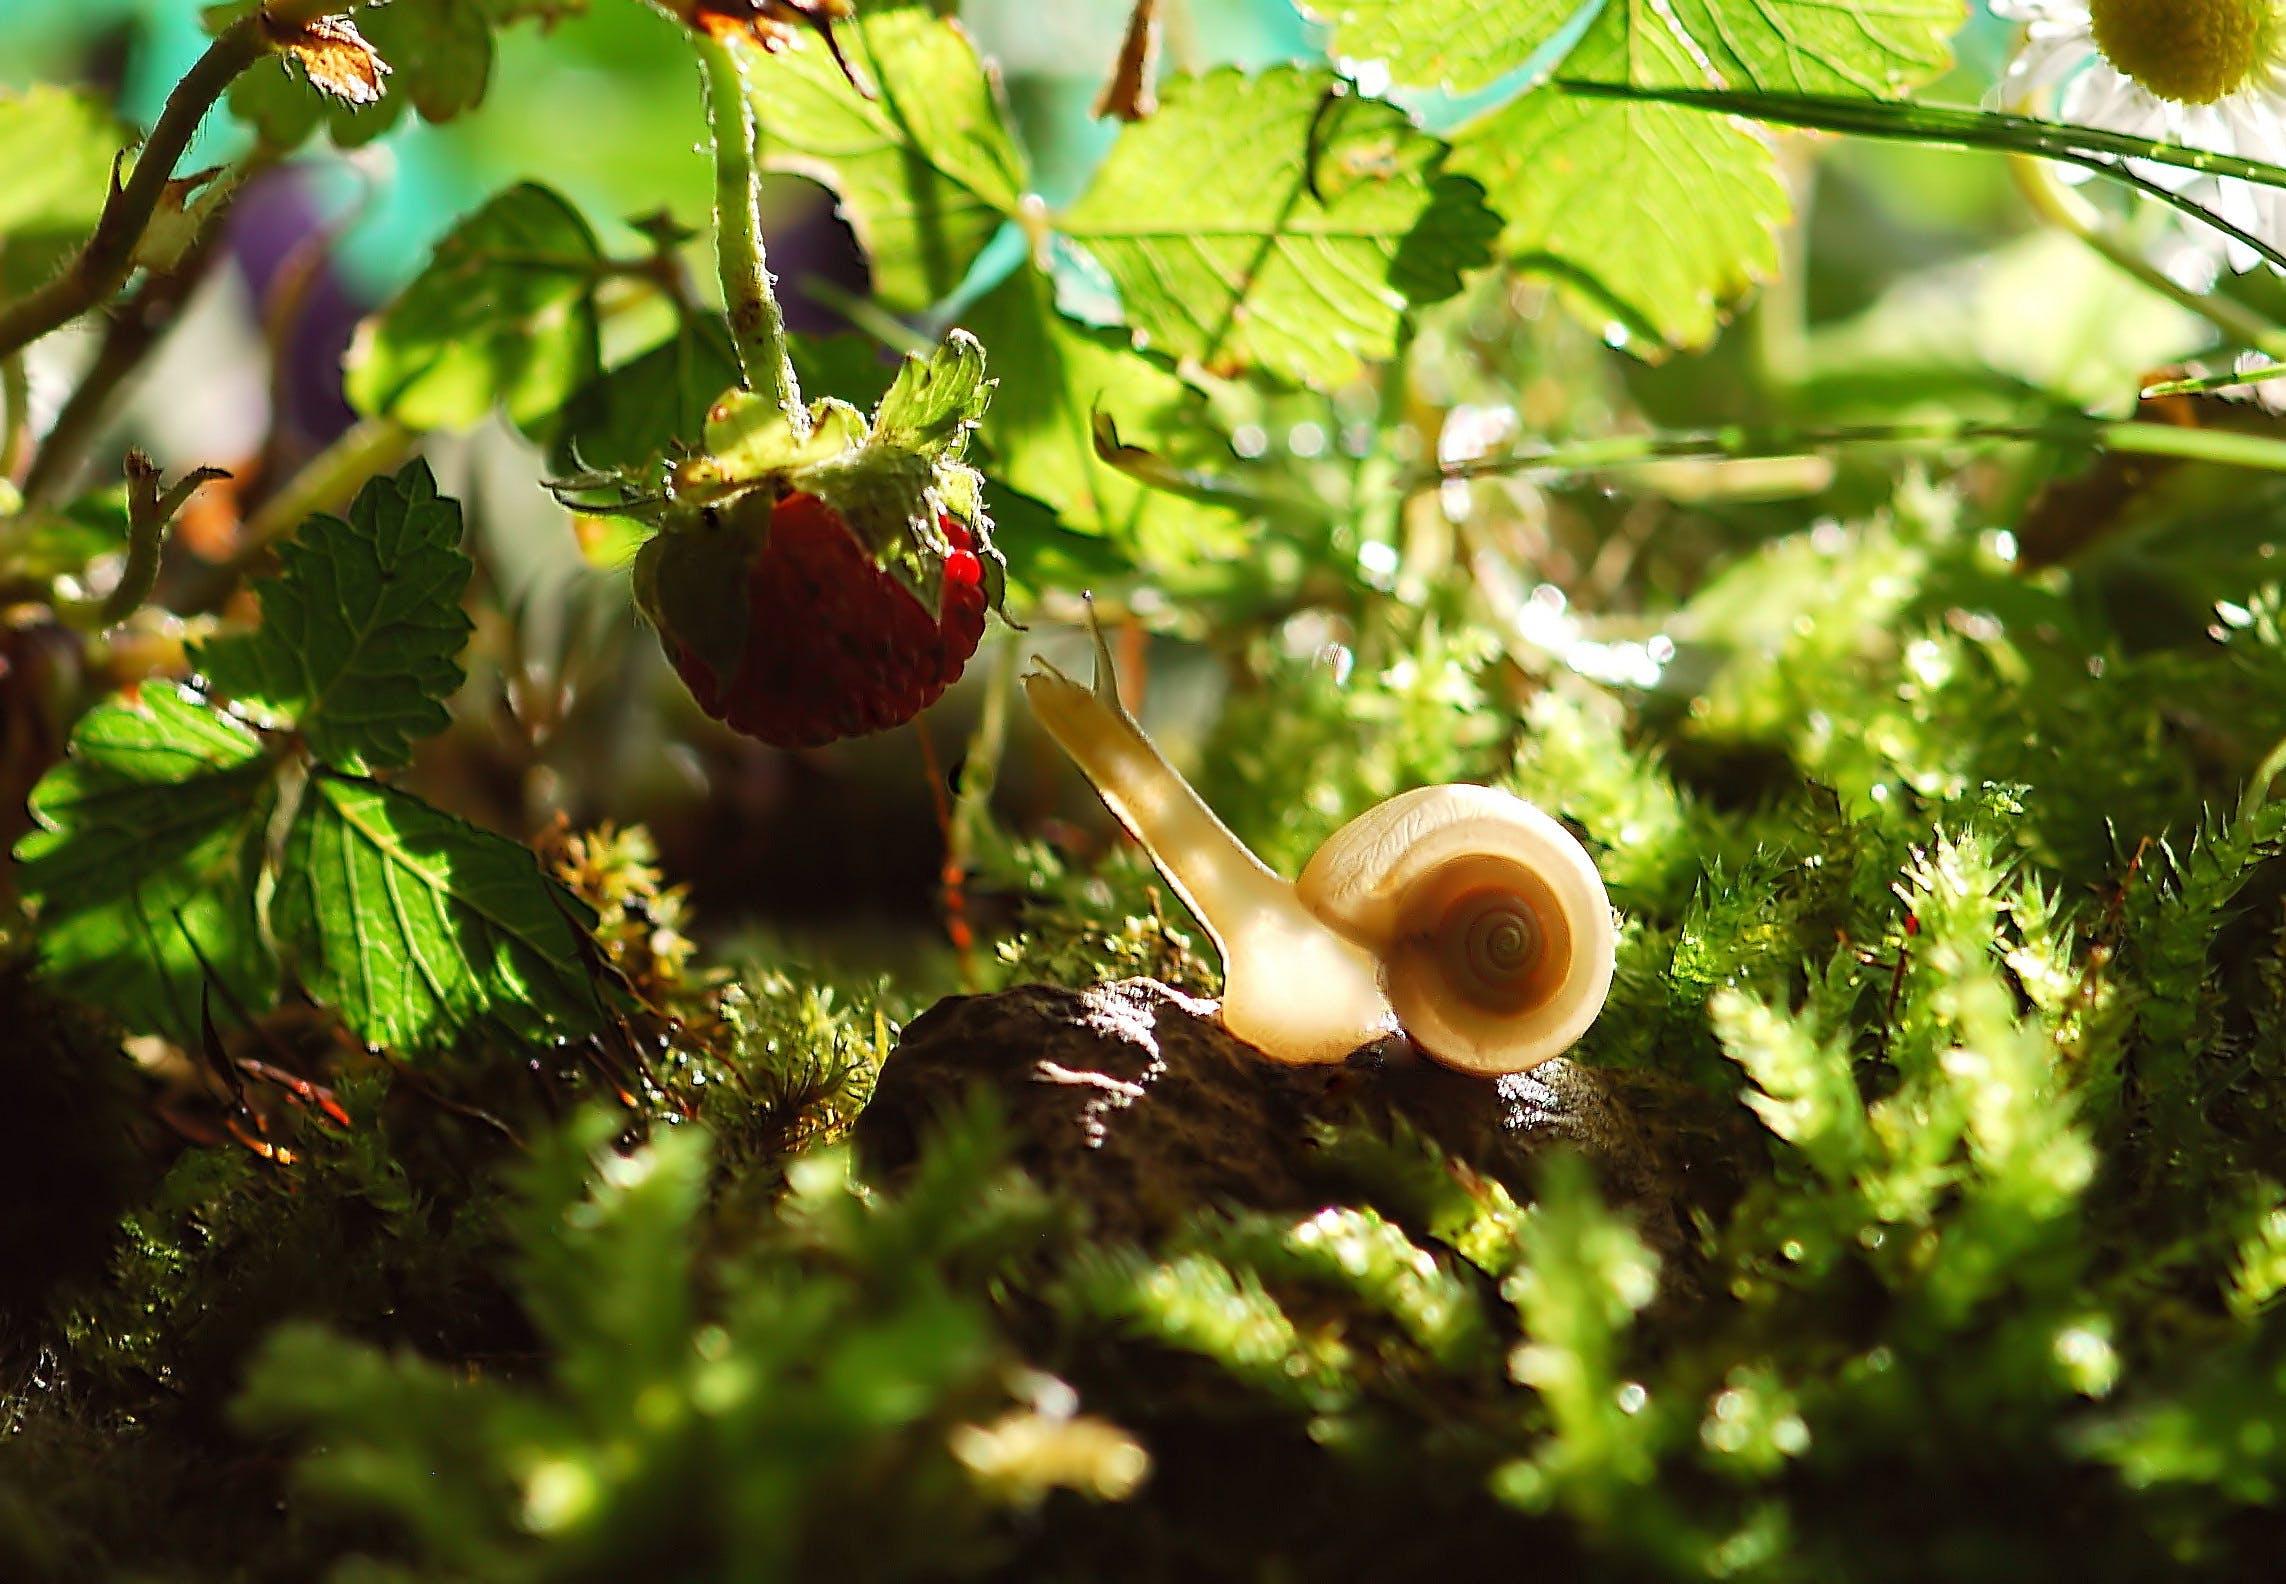 White Snail Near Red Fruit